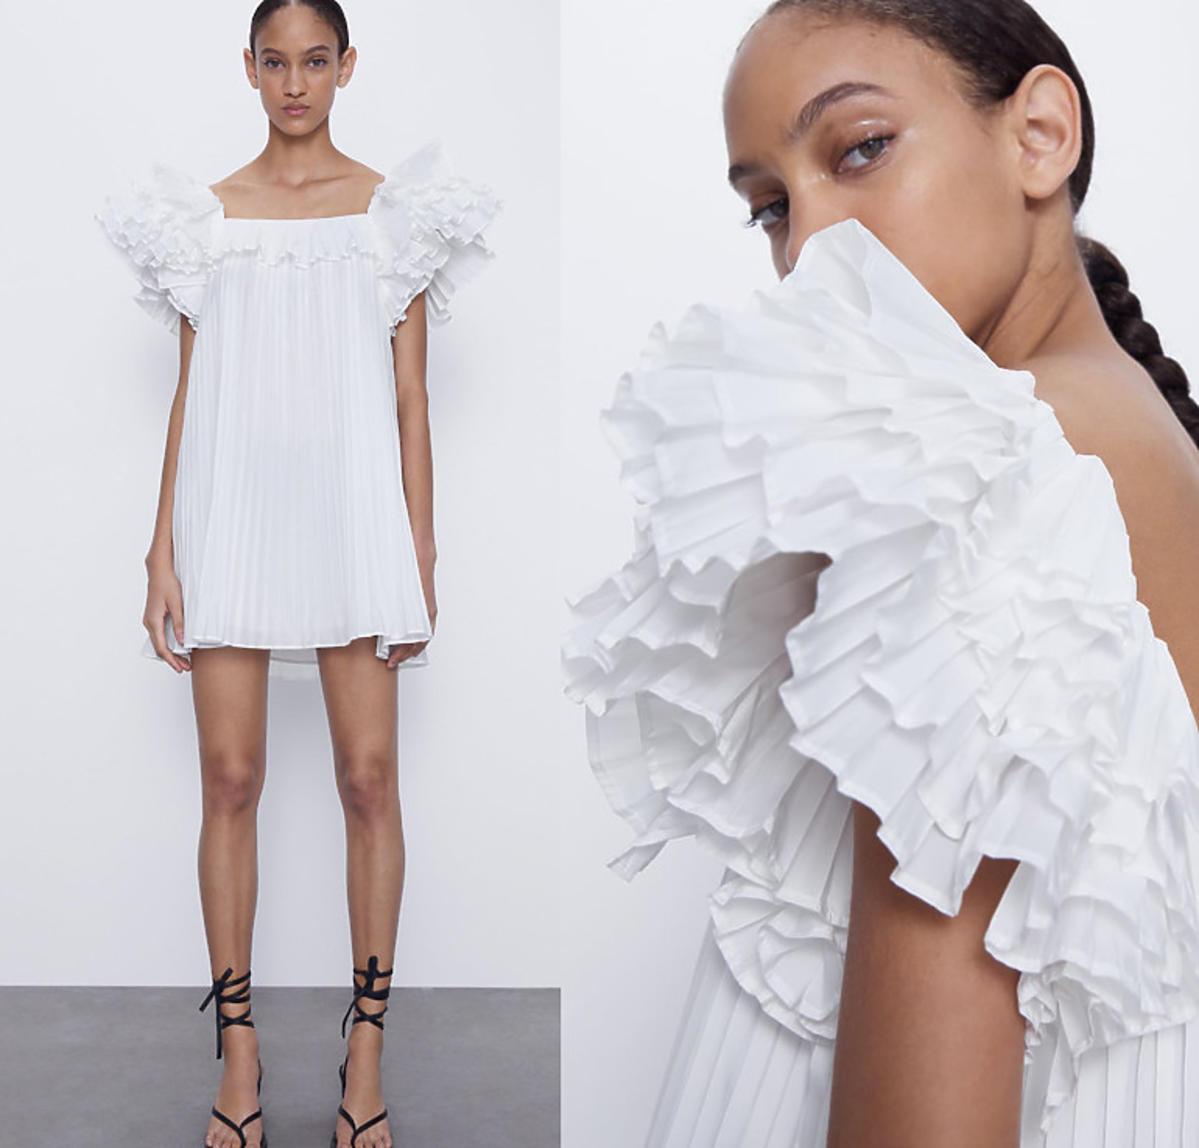 Biała suknia, Zara, 199 zł